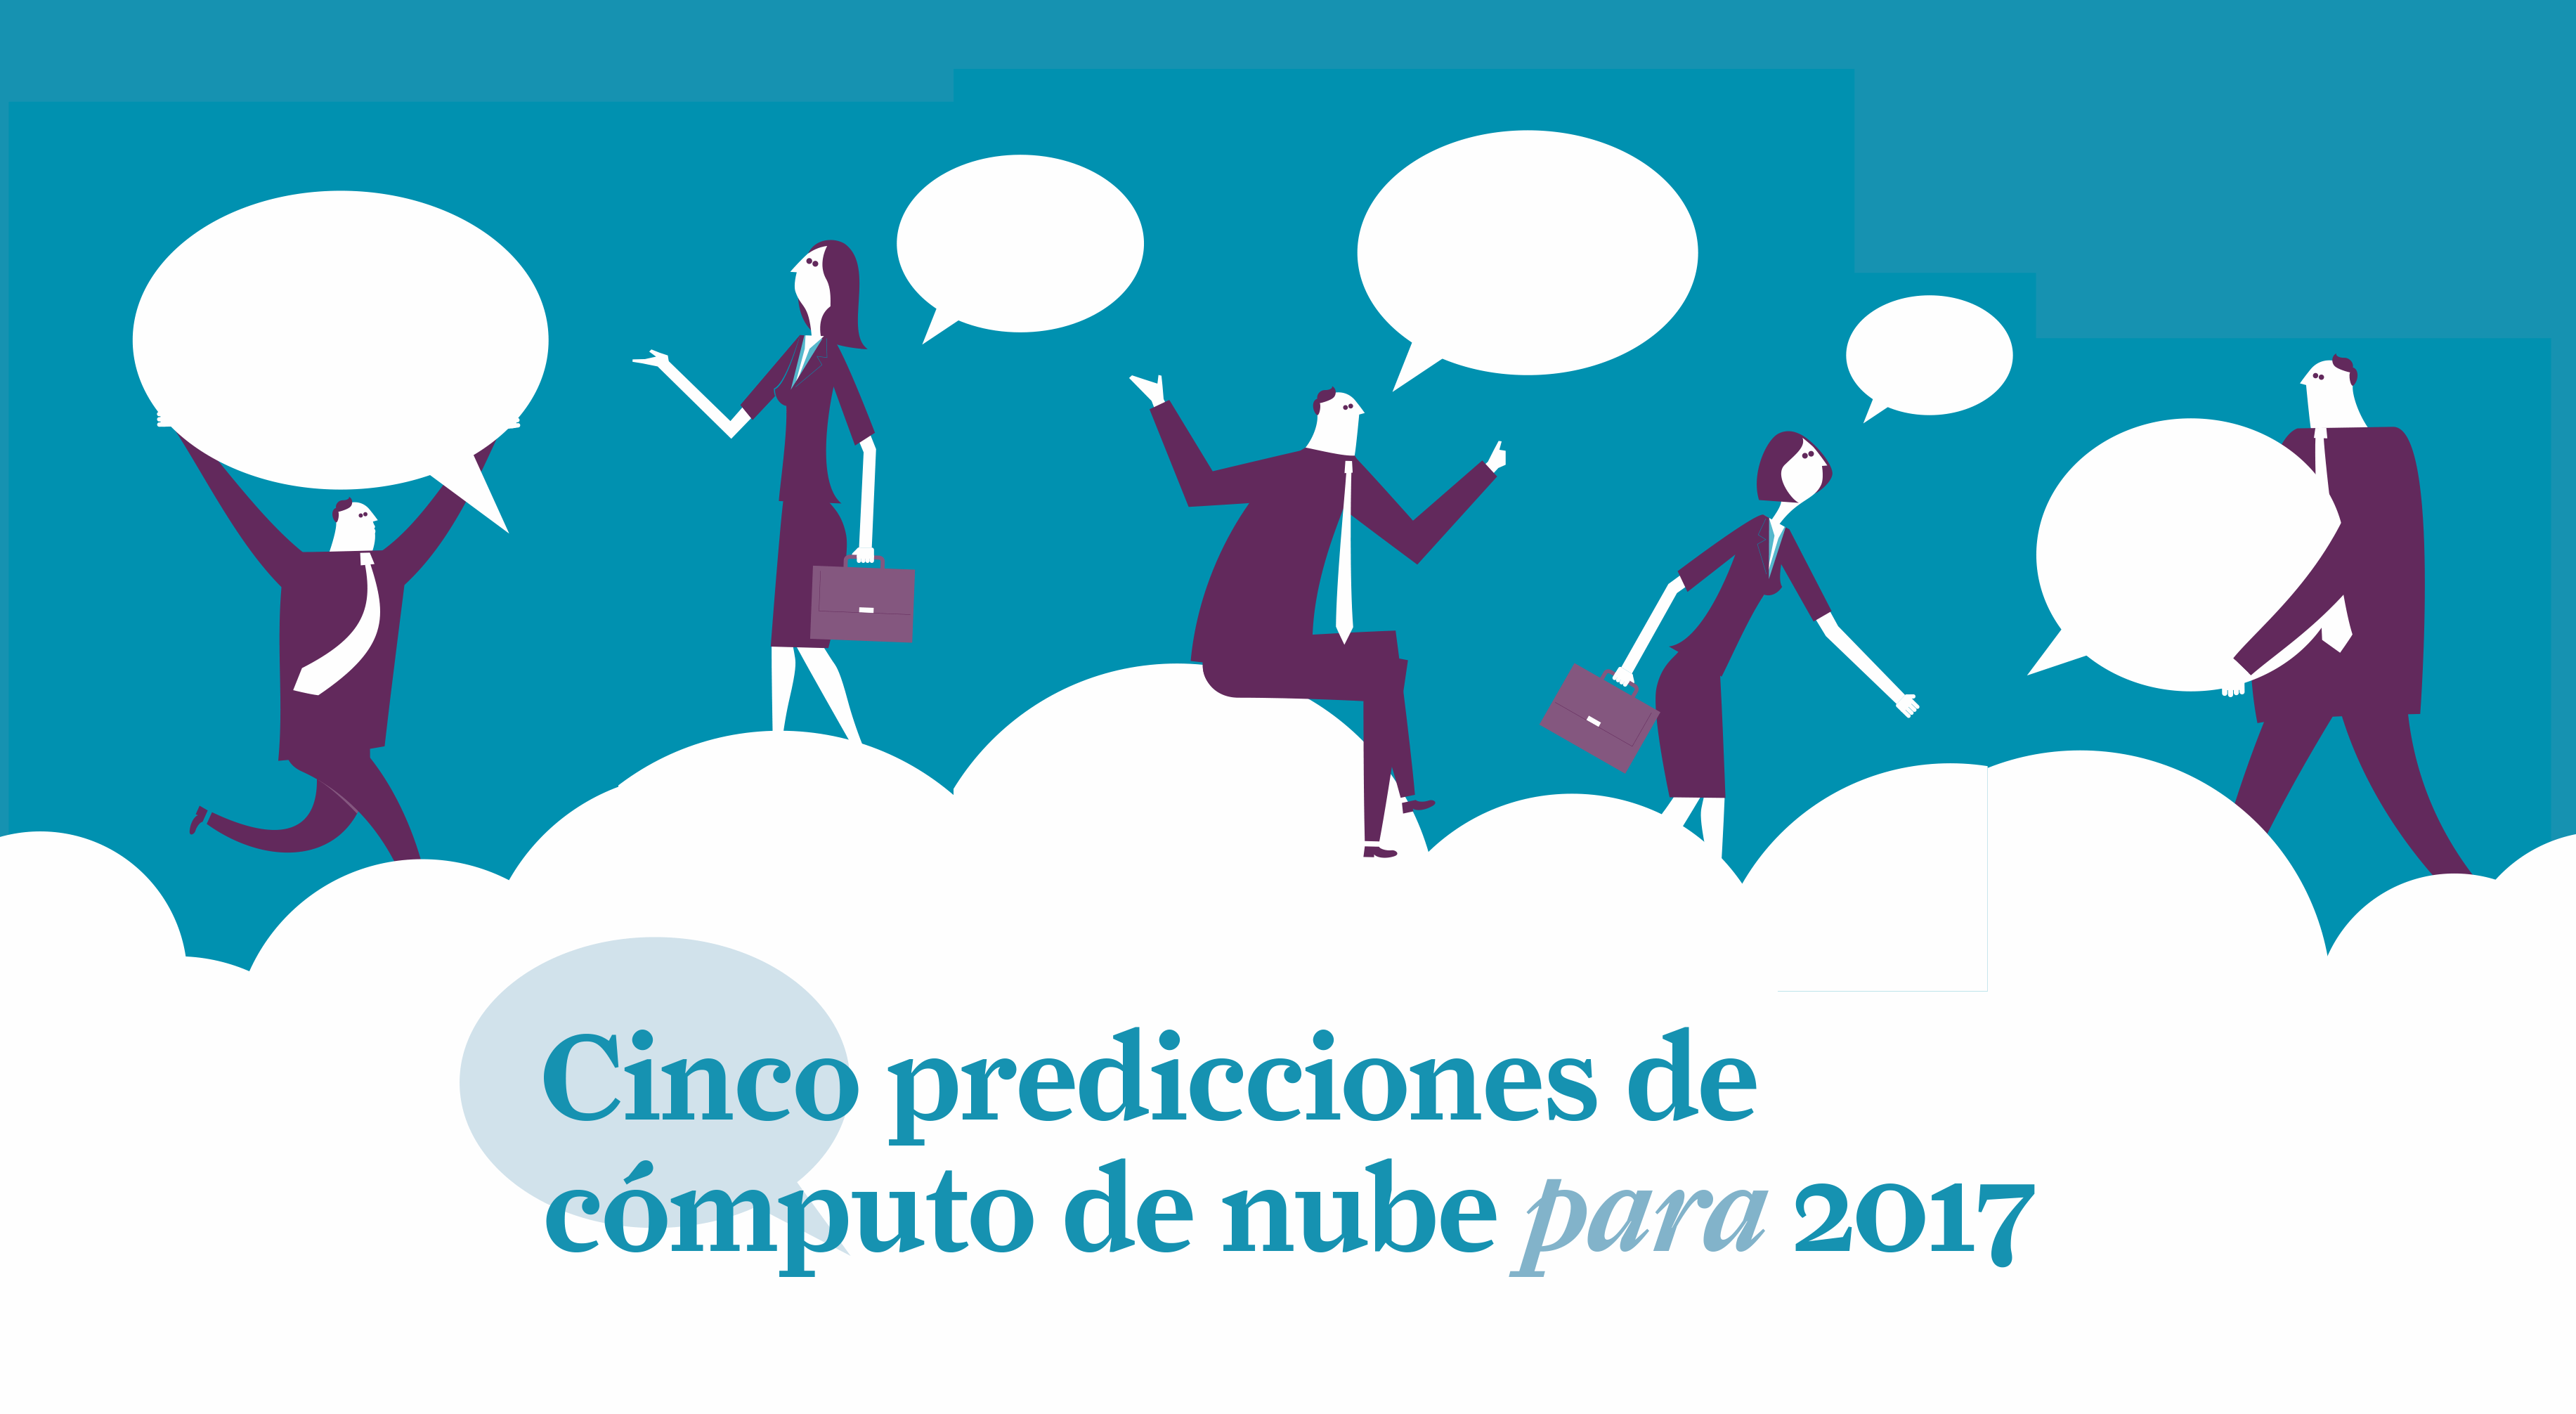 Prediccionesnube2017-1.png